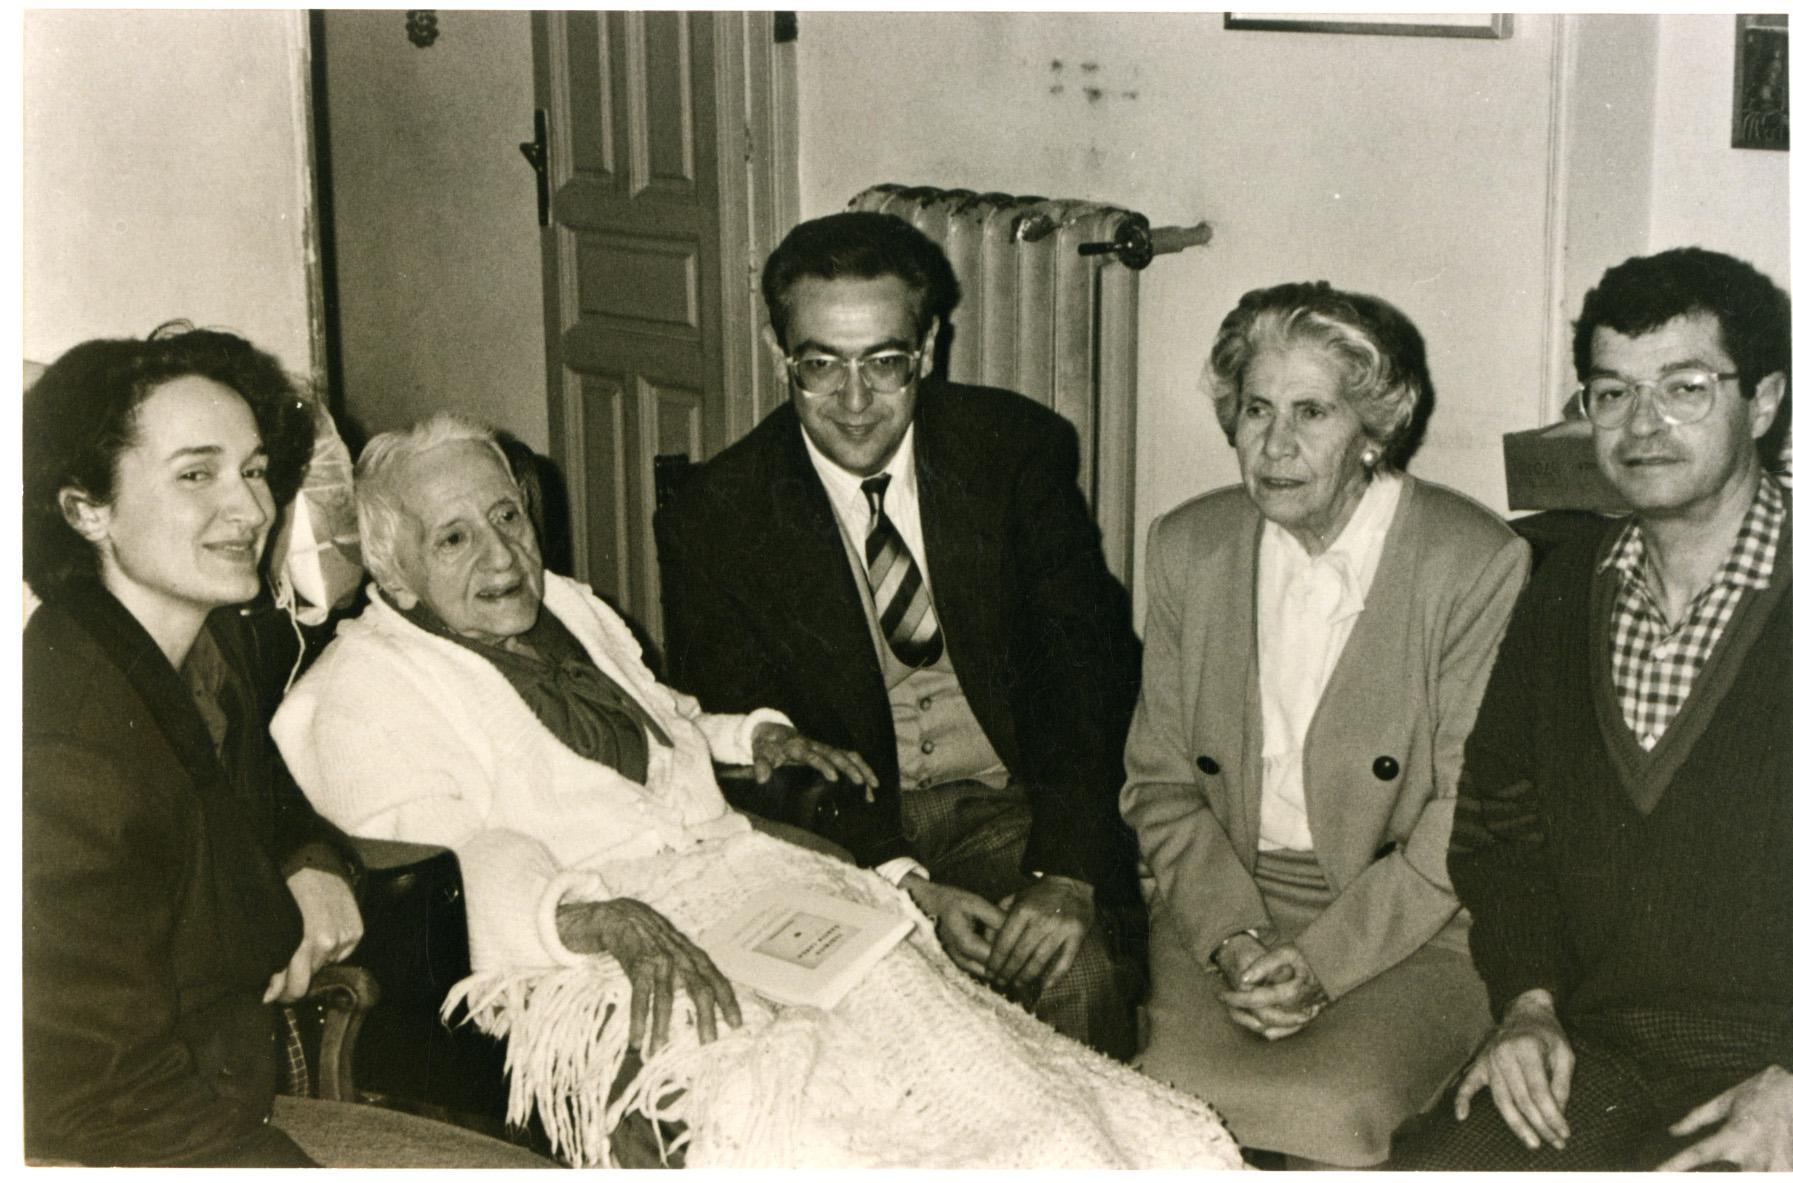 Madrid 1989, omençant per l'esquerra: Rosa Mascarell, María Zambrano, José Andérica, Isabel García Lorca i Joaquín Lobato